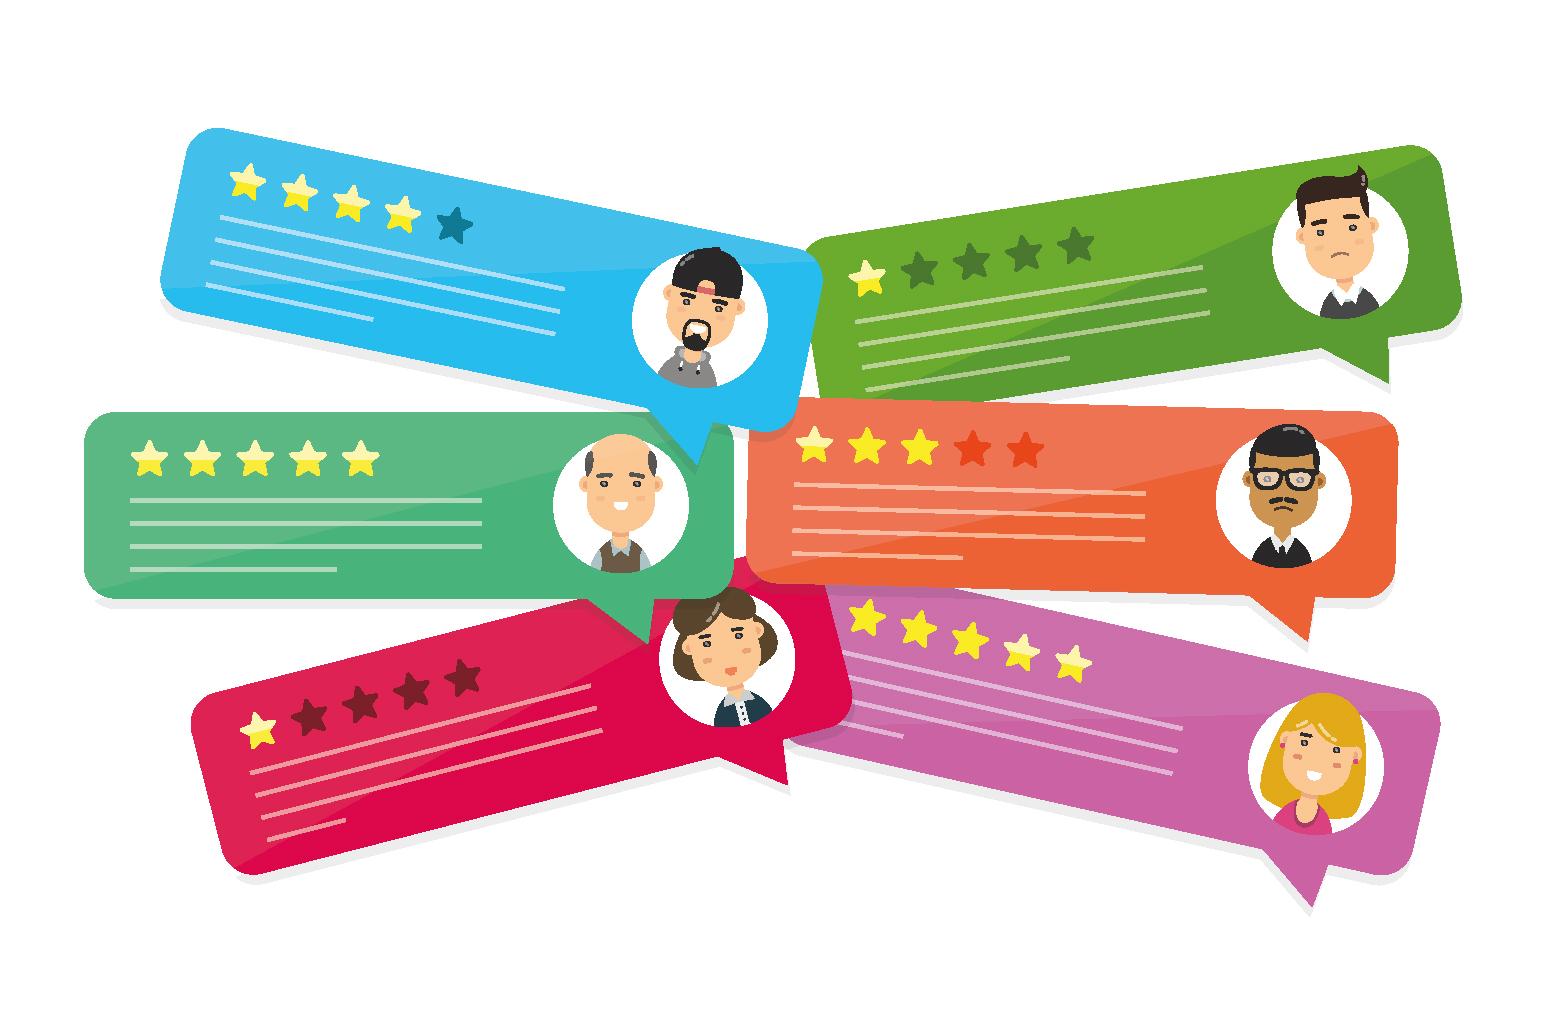 4 recomendaciones para gestionar las reseñas de tu producto o servicio